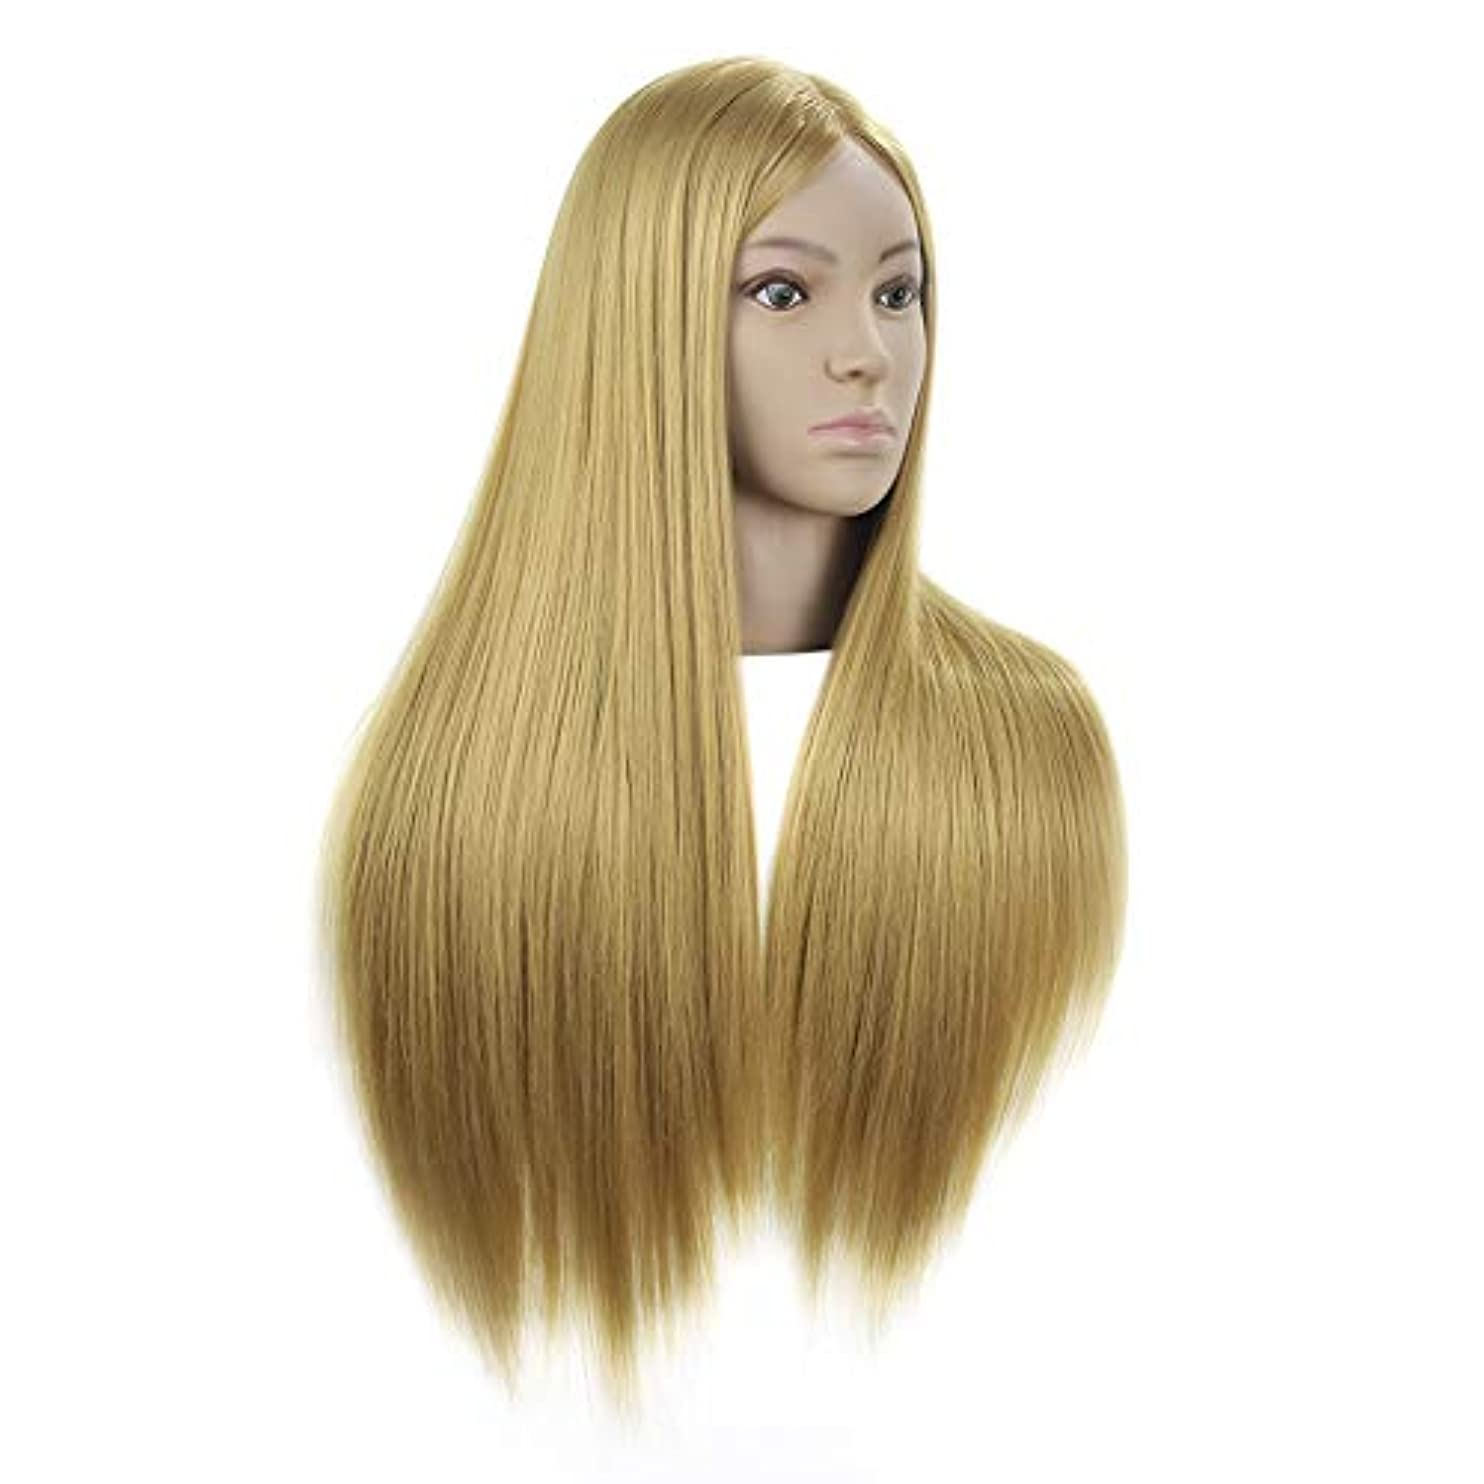 抑制ジャズ背が高いリアルヘアスタイリングマネキンヘッド女性ヘッドモデル教育ヘッド理髪店編組ヘア染色学習ダミーヘッド